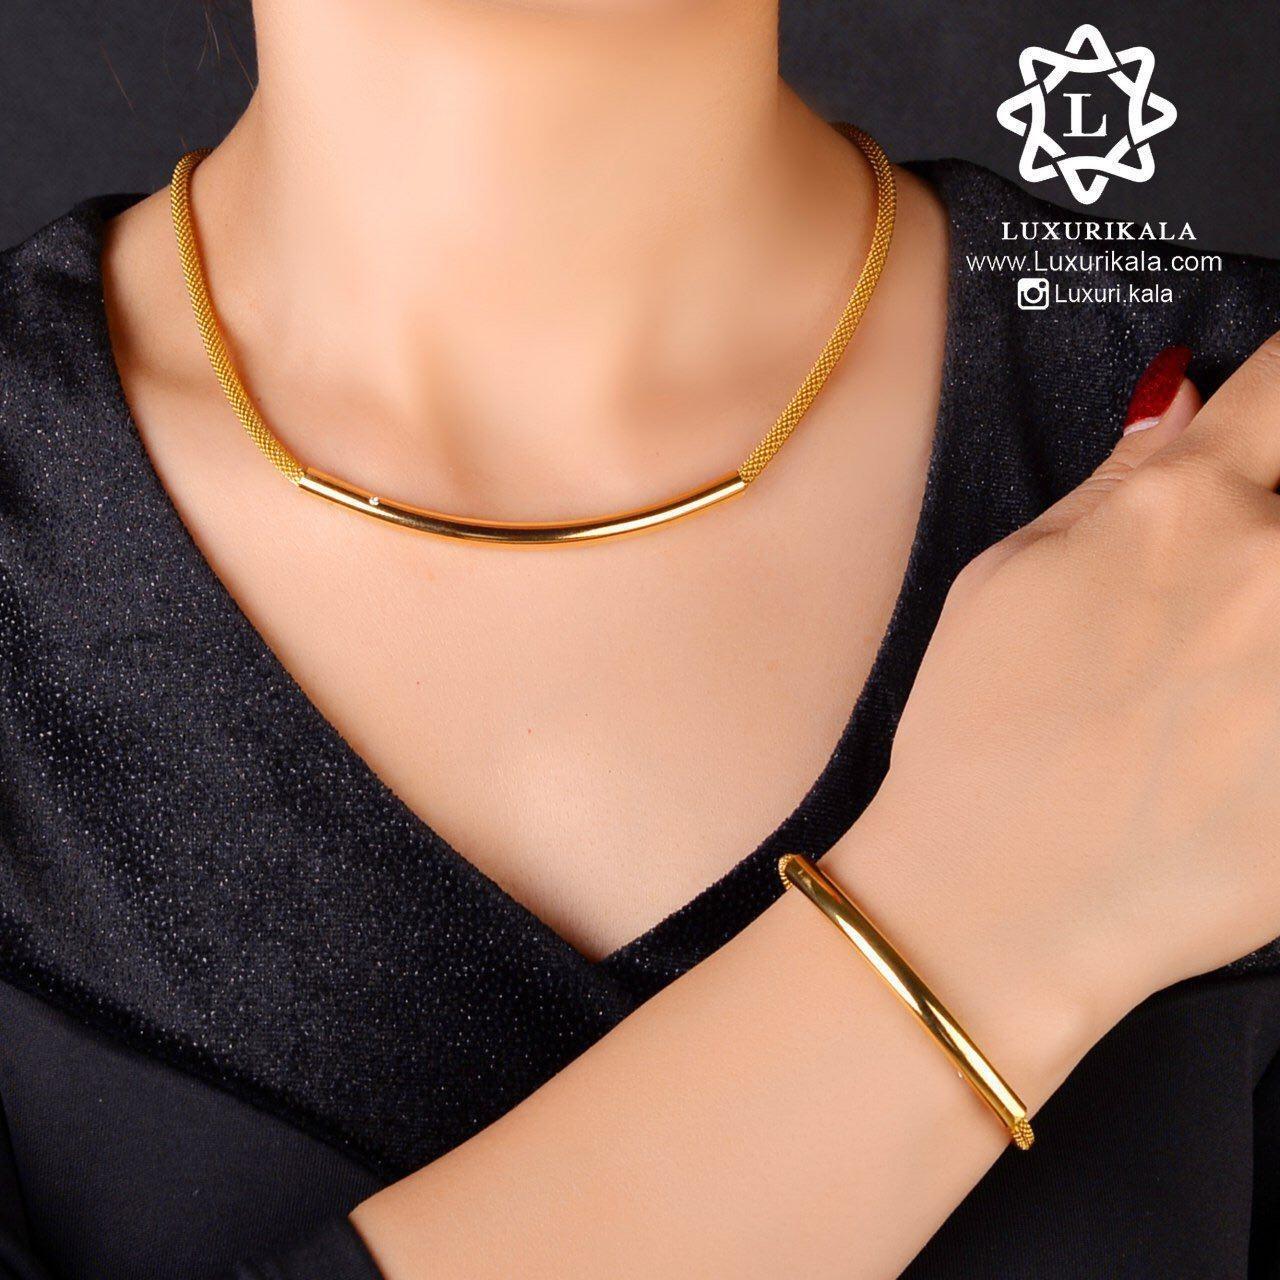 عکس ست گردنبند و دستبند  ست-گردنبند-و-دستبند